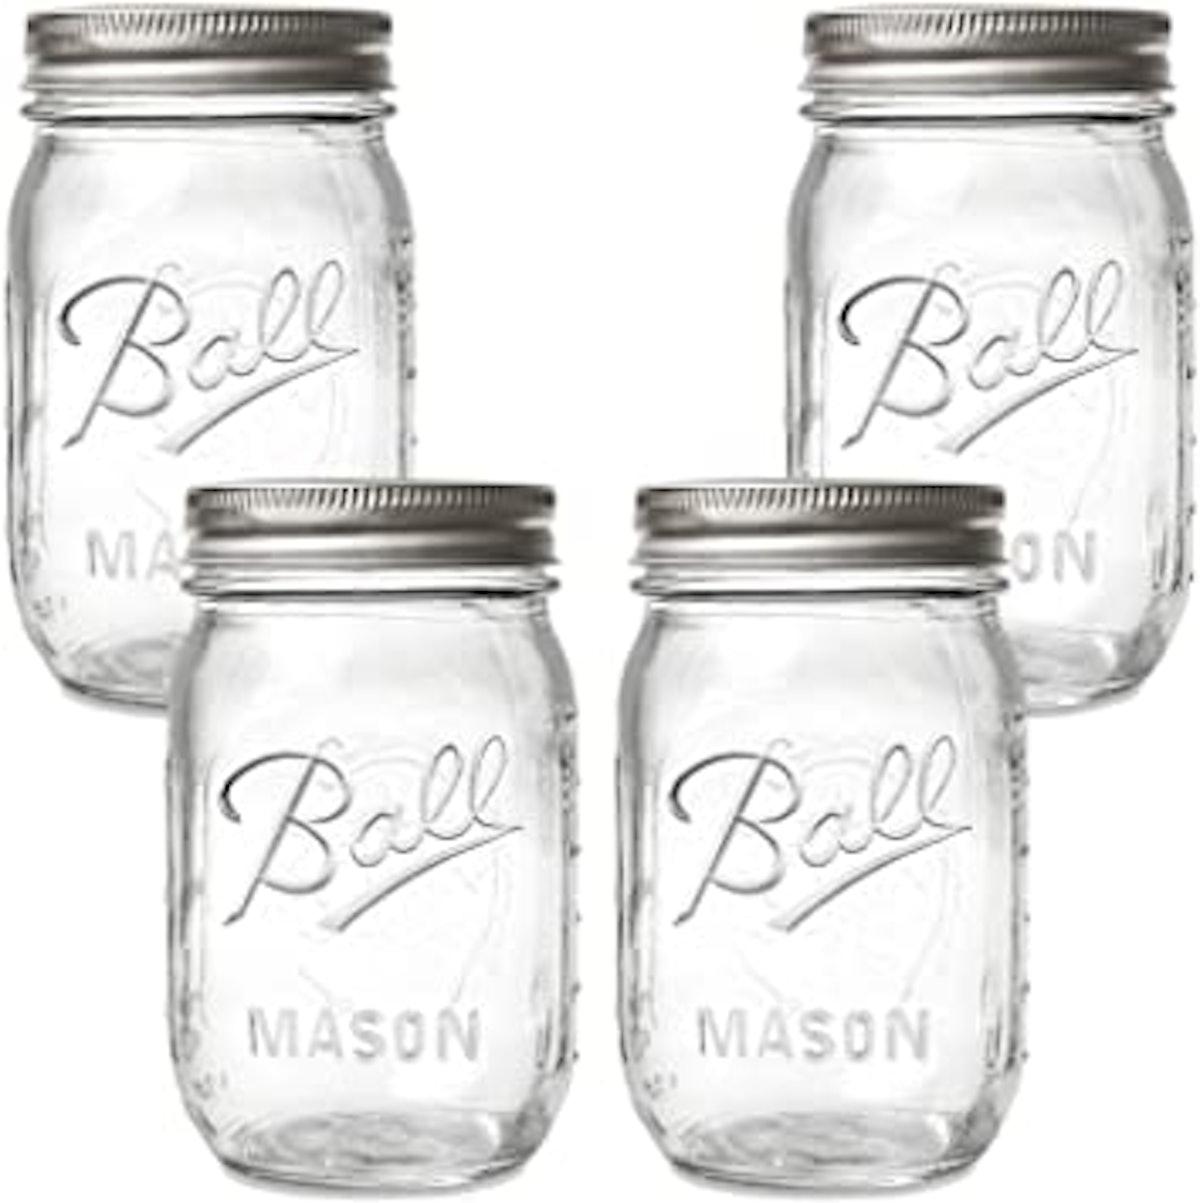 Ball 16oz 12pk Glass Regular Mouth Mason Jar with Lid and Band